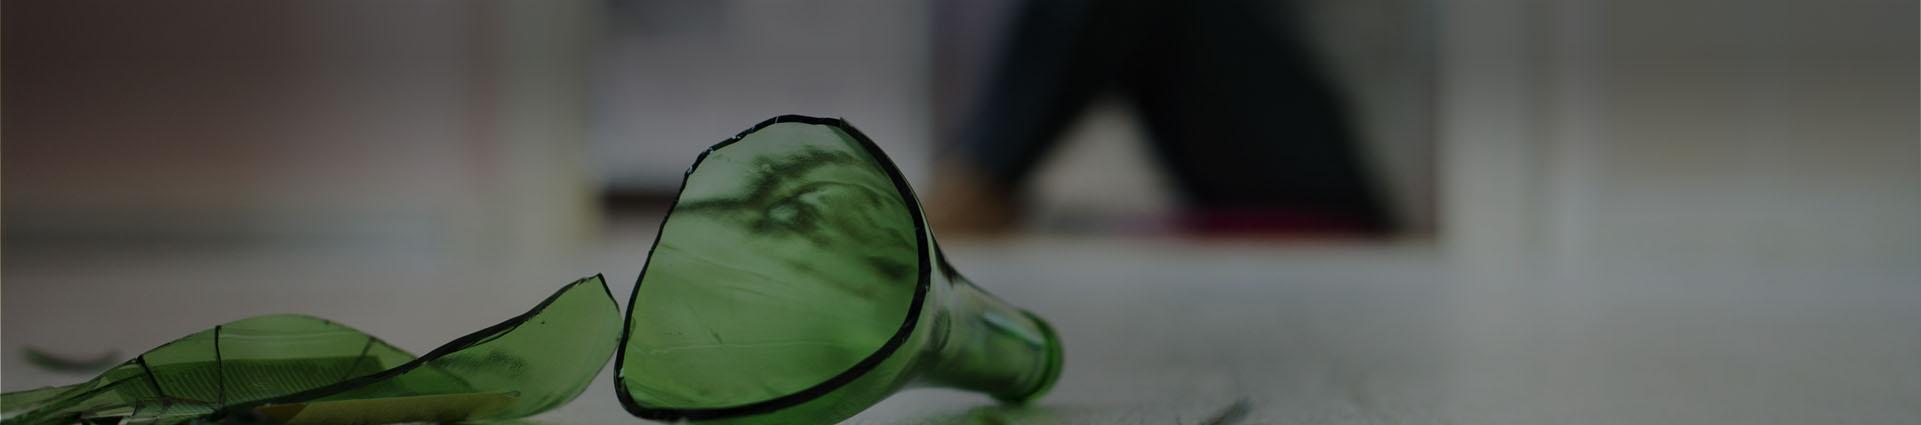 banner stłuczona zielona butelka